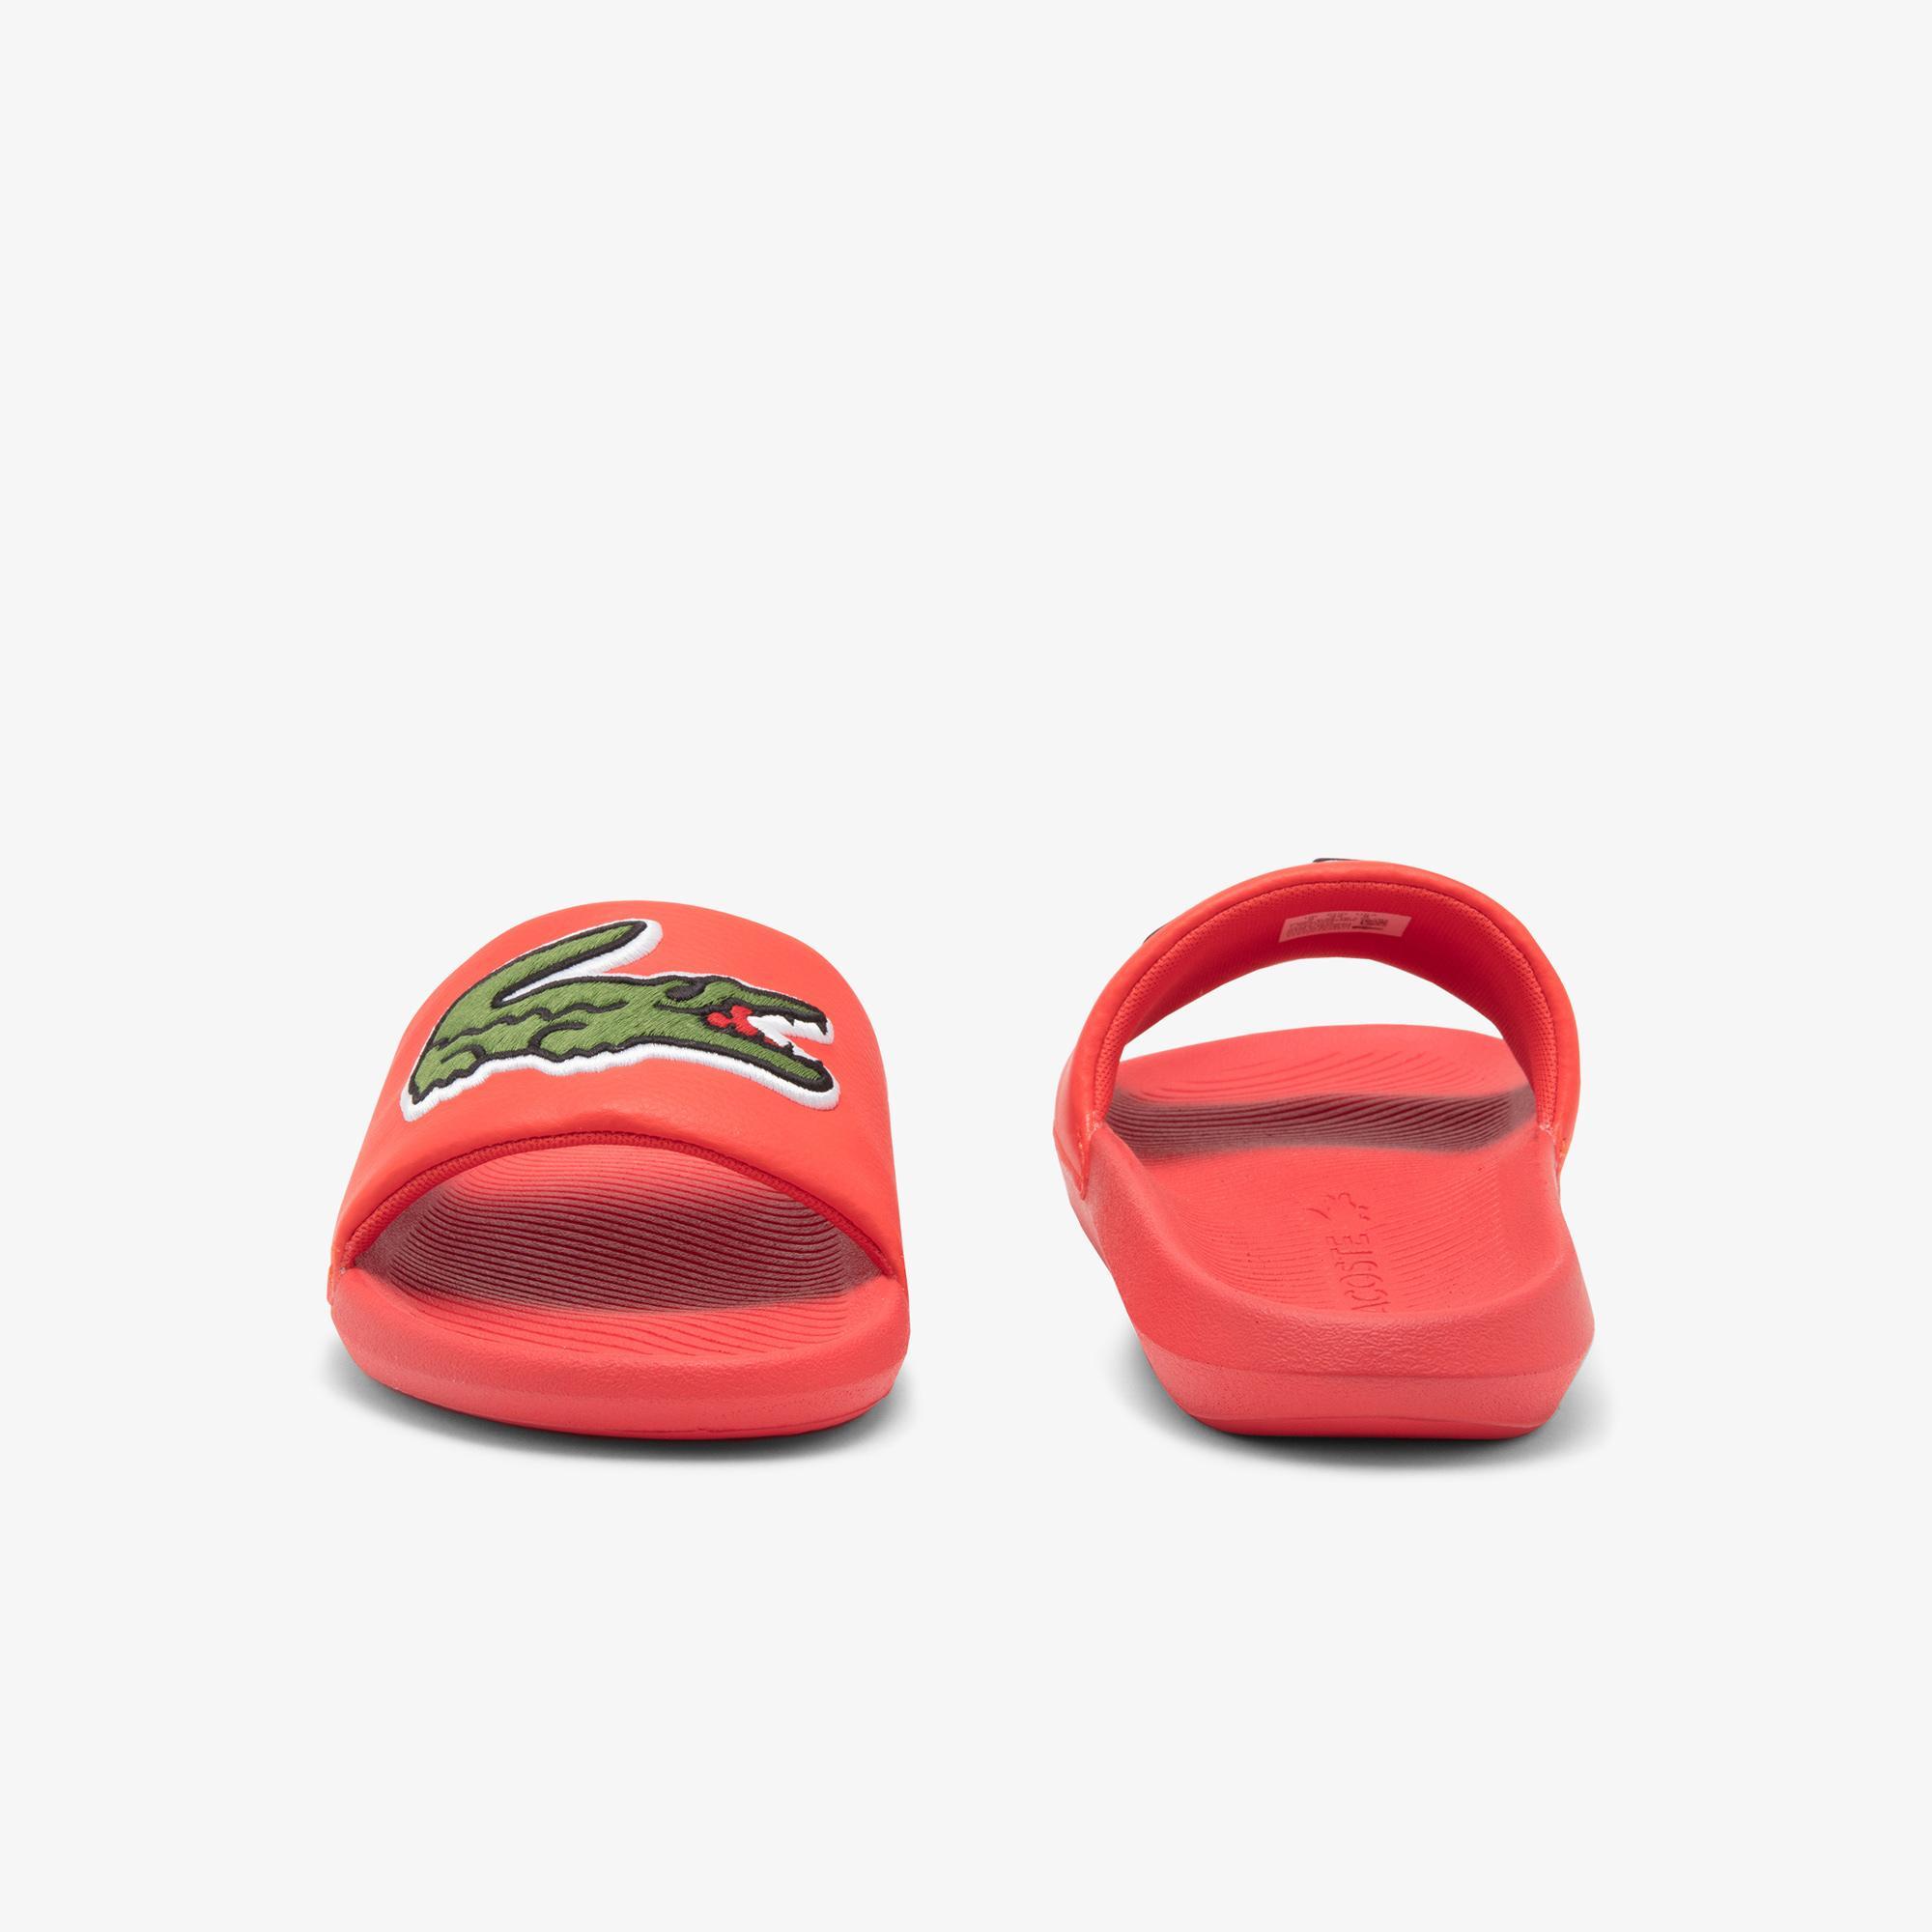 Lacoste Croco Slide 120 US CMA Erkek Timsah Baskılı Kırmızı Terlik